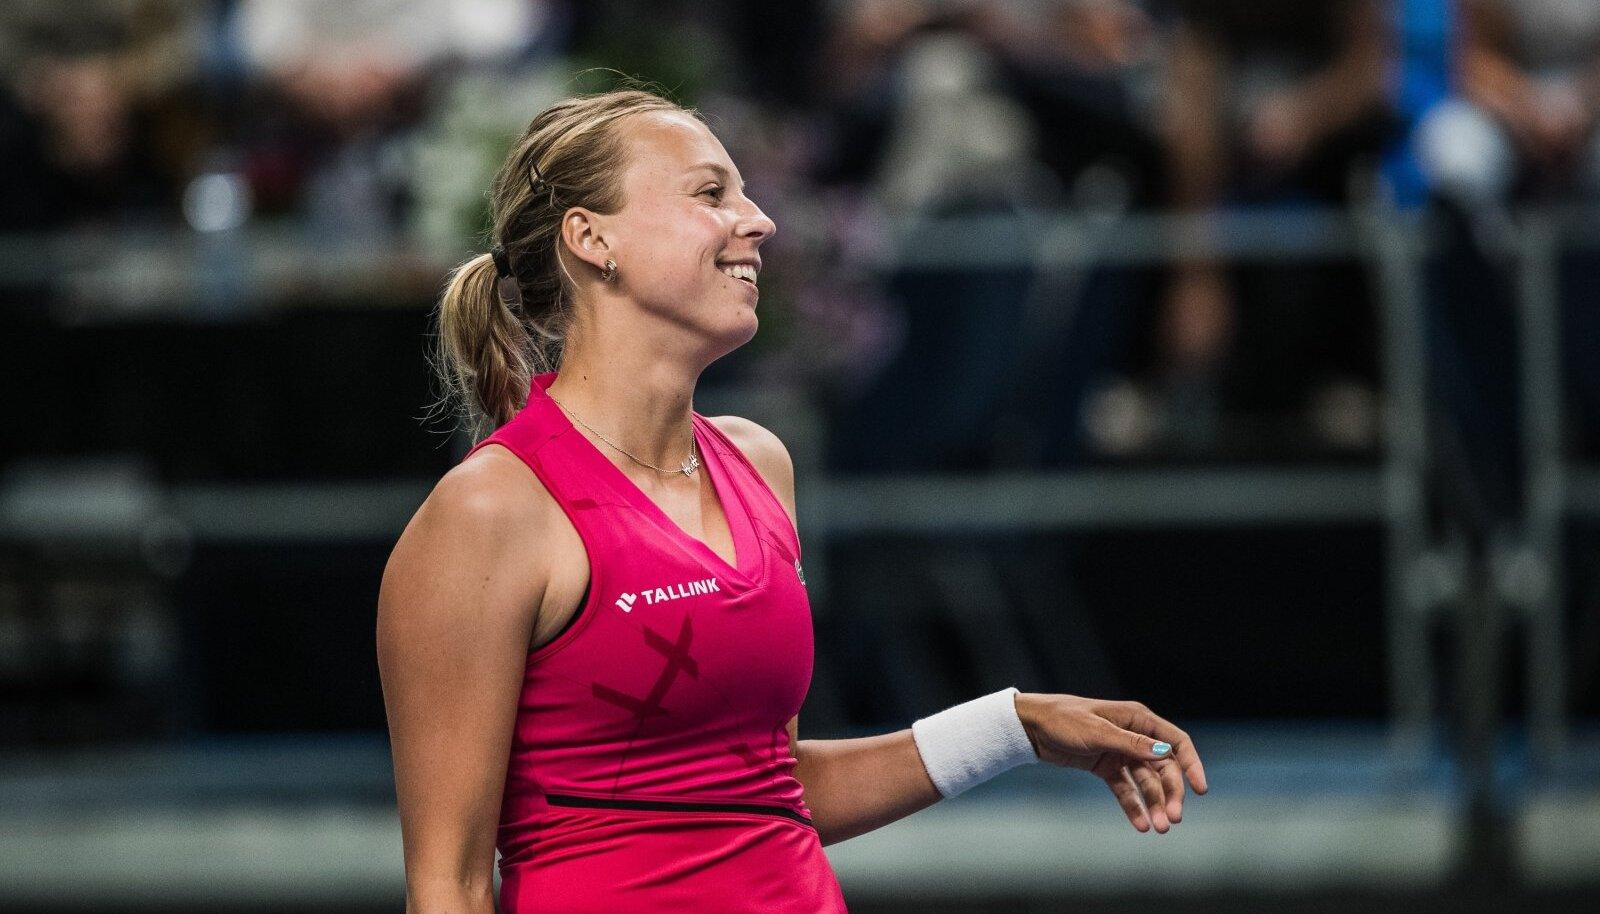 Eesti - Läti tennisematš –Anett Kontaveit vs Anastasija Sevastova